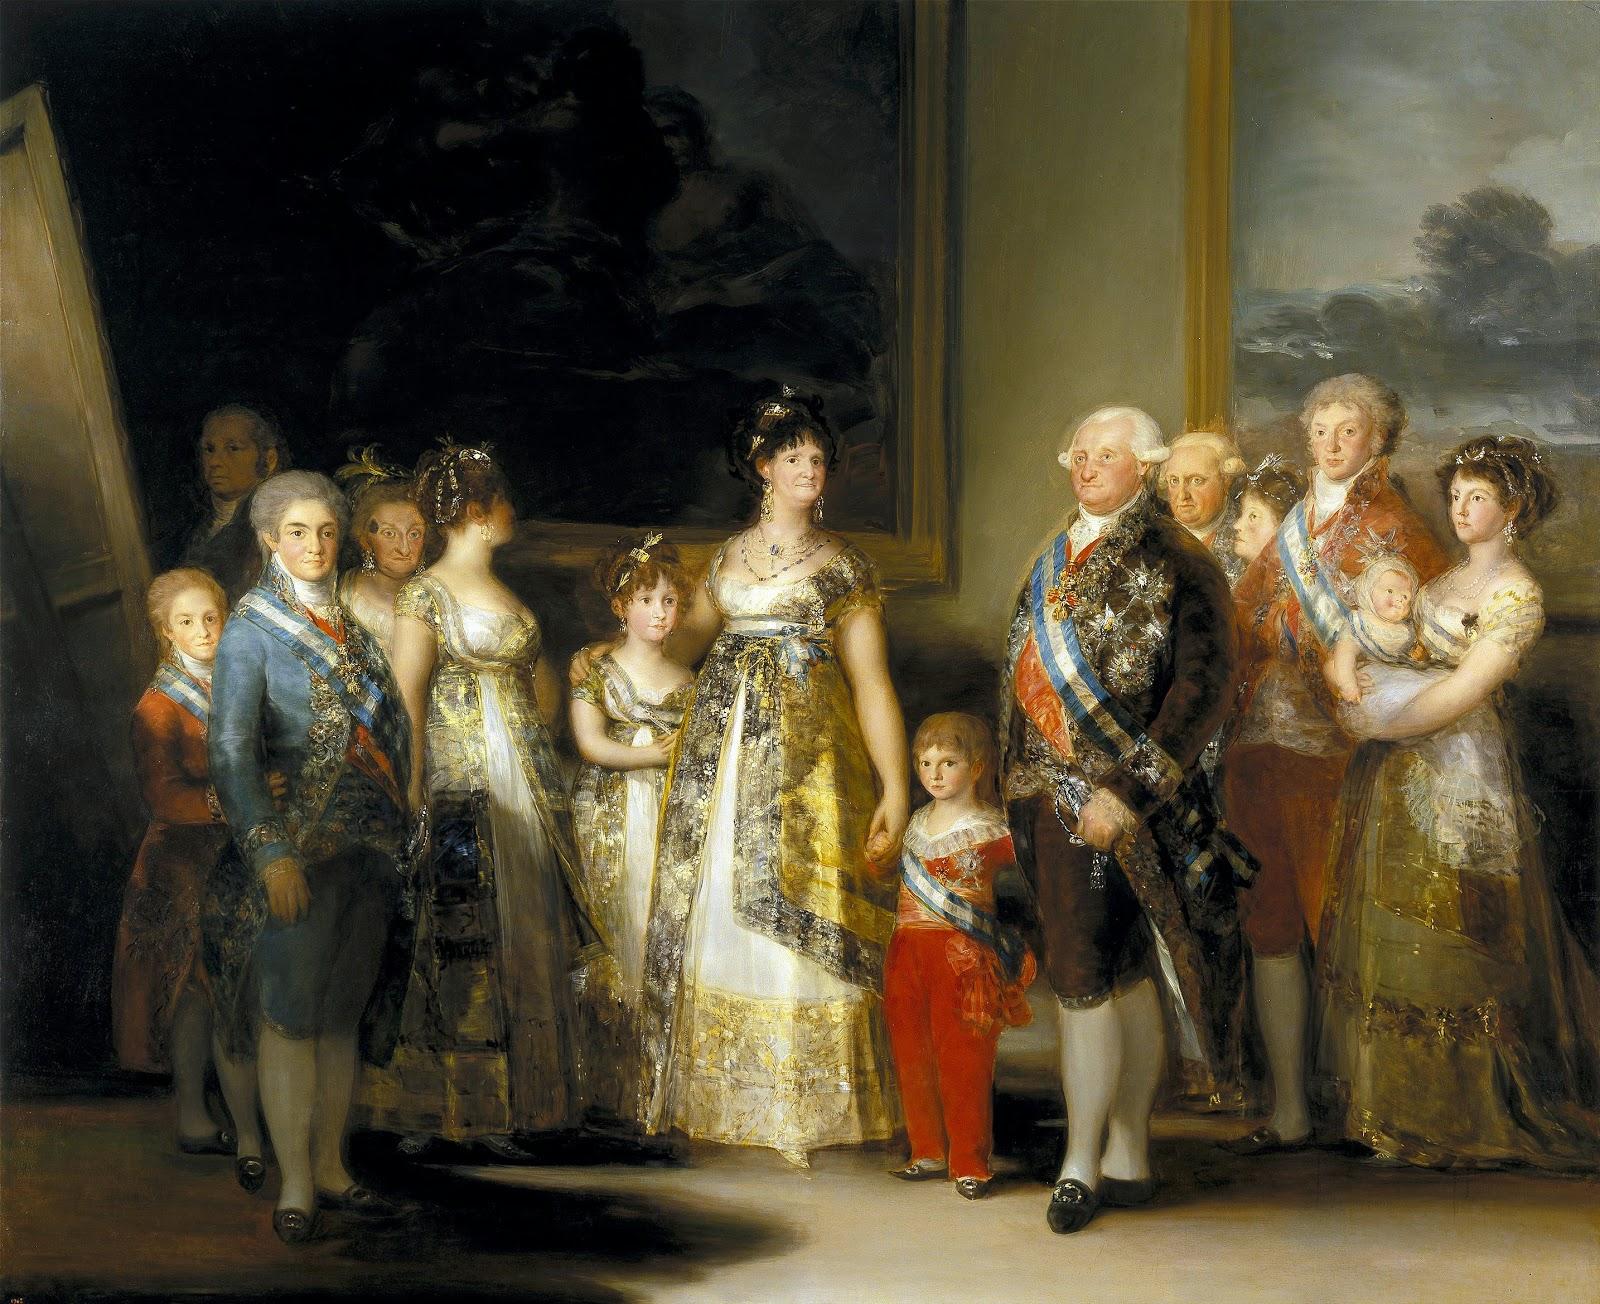 Ritratti di famiglia #2 - i reali di Spagna